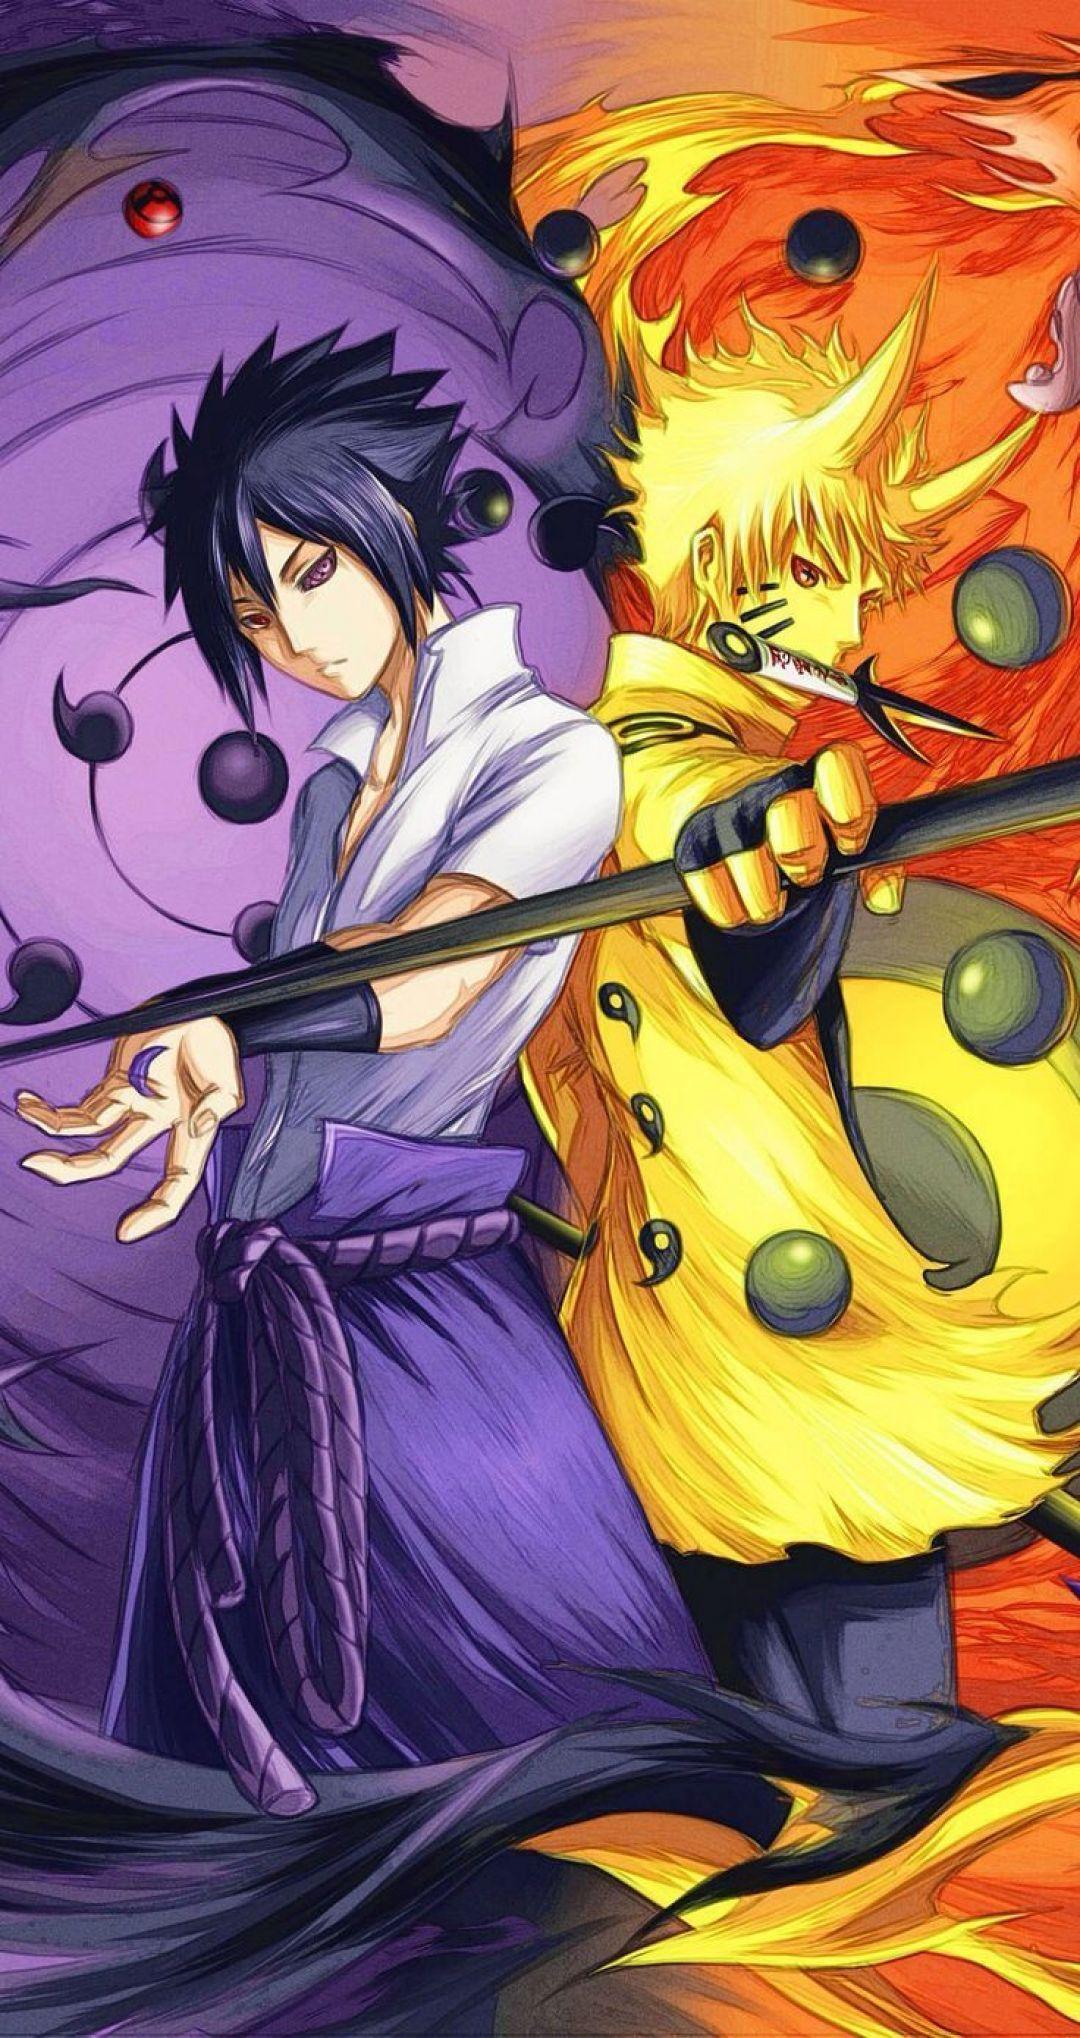 Naruto Shippuden Hd Naruto Wallpaper 4k Android